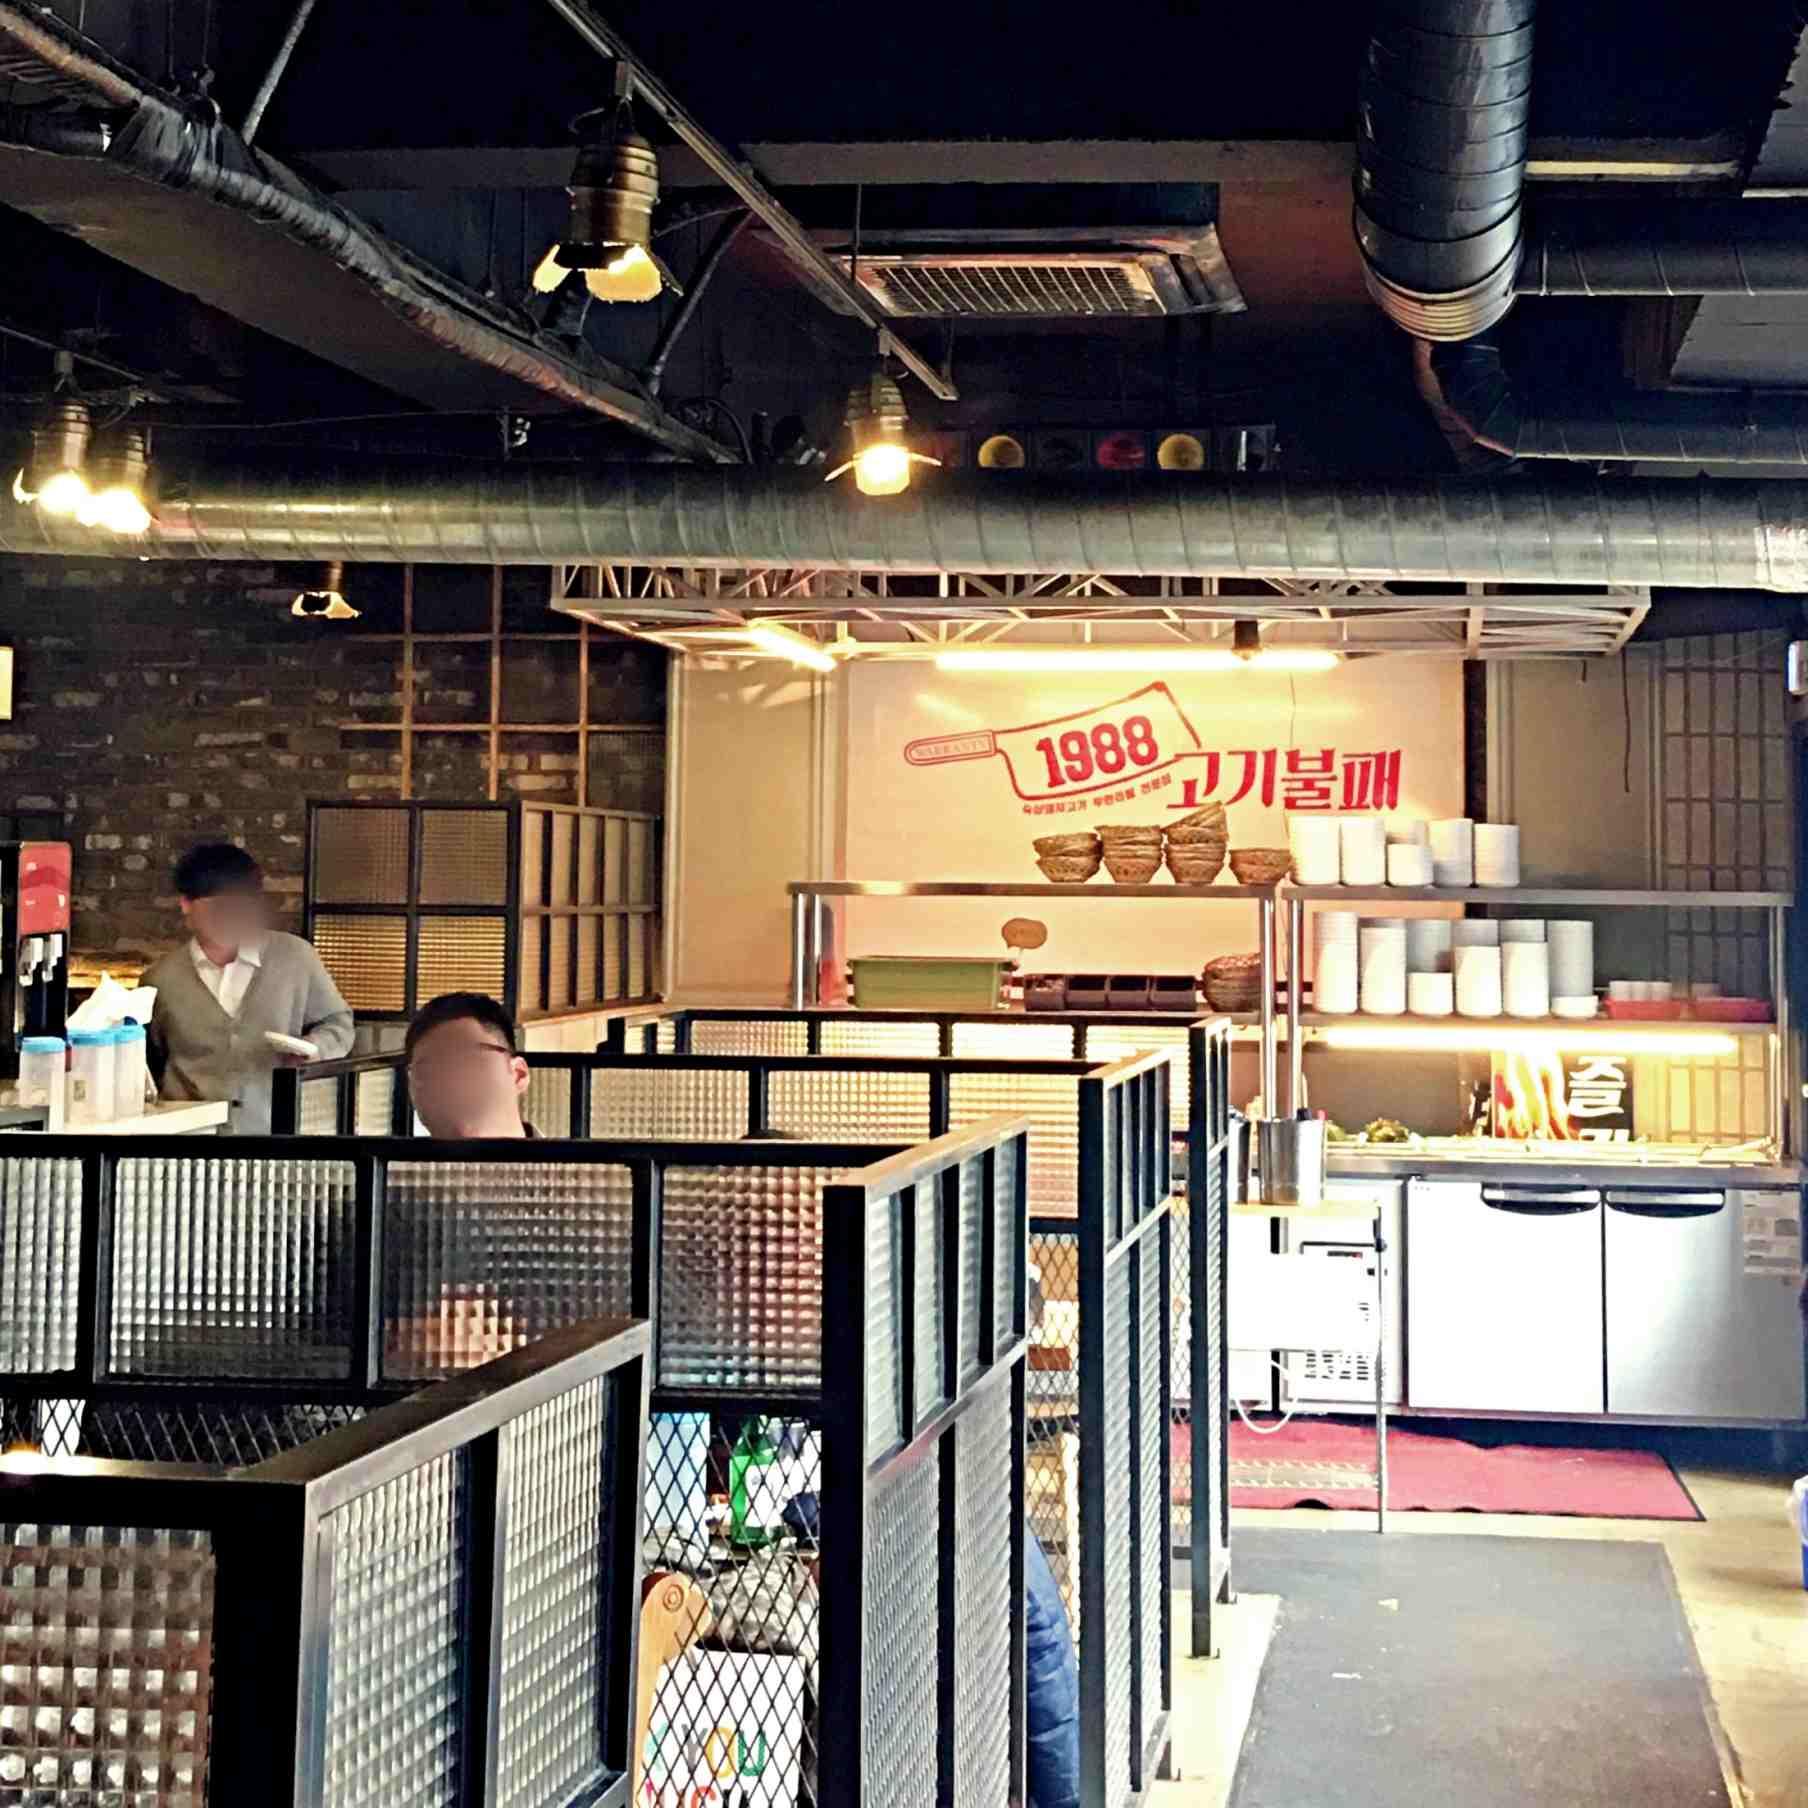 店內在2樓,位置很多,還有包廂式的座位,比起一般烤肉店來說隱密性較高。